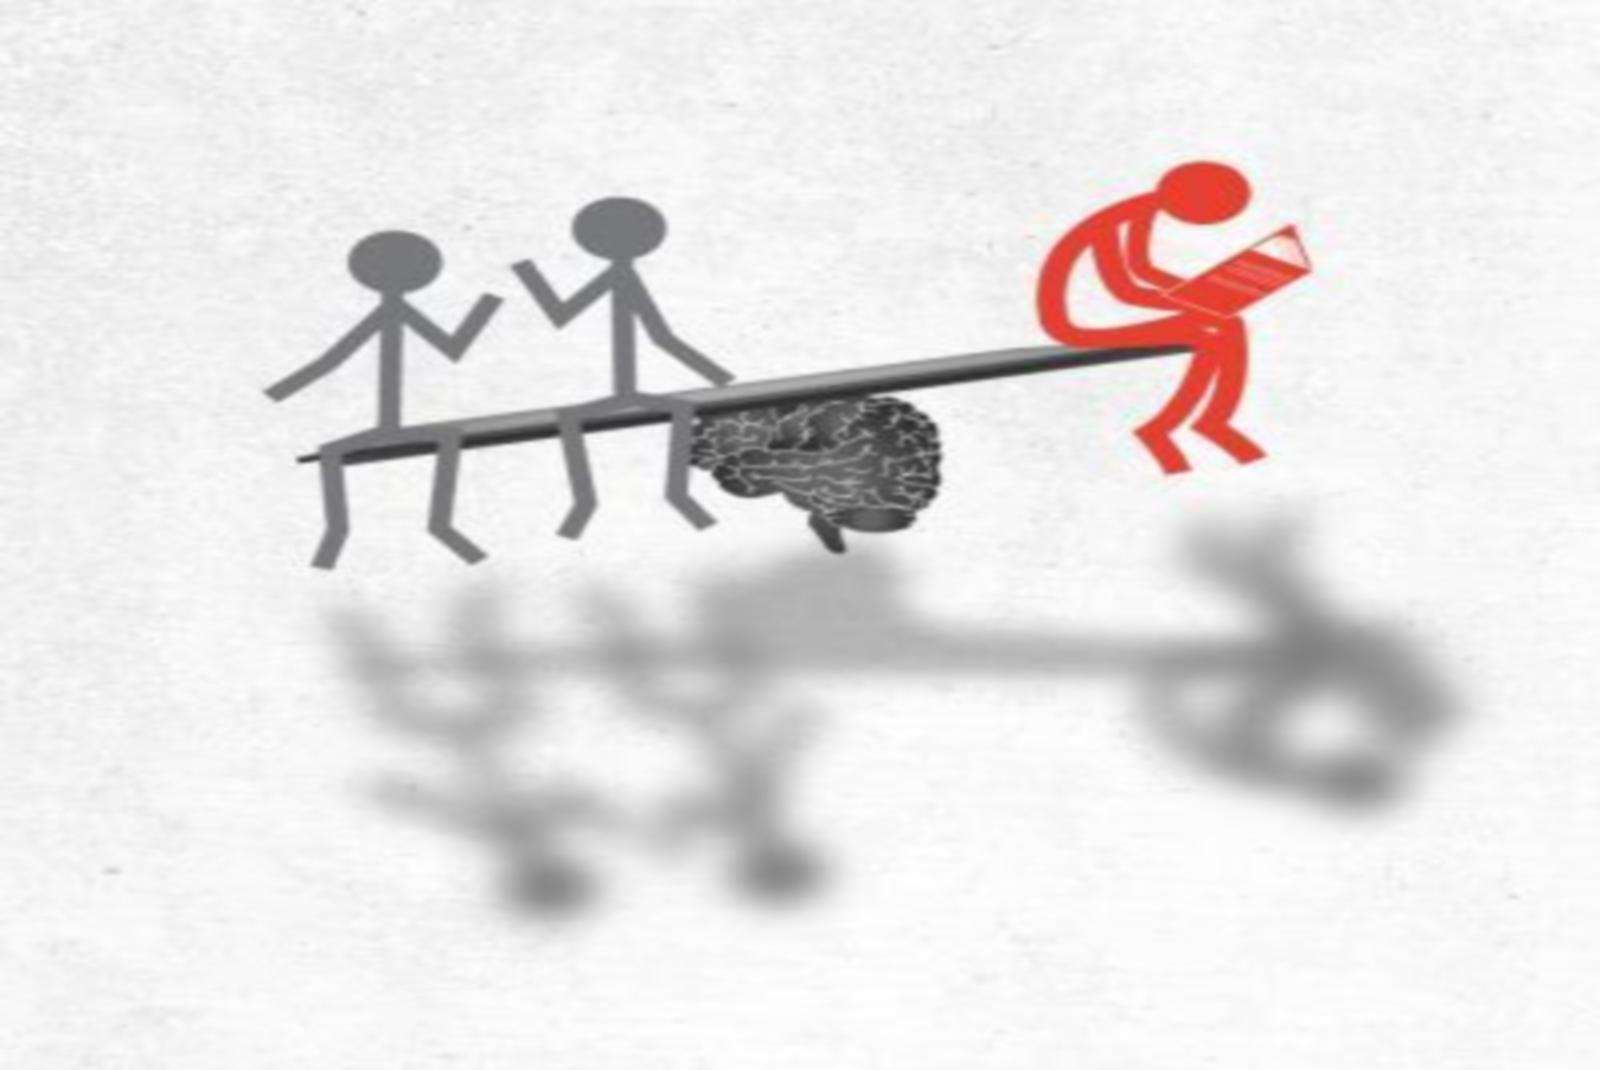 Βρέθηκαν οι νευρώνες που επηρεάζουν την κοινωνική συμπεριφορά των αυτιστικών ατόμων